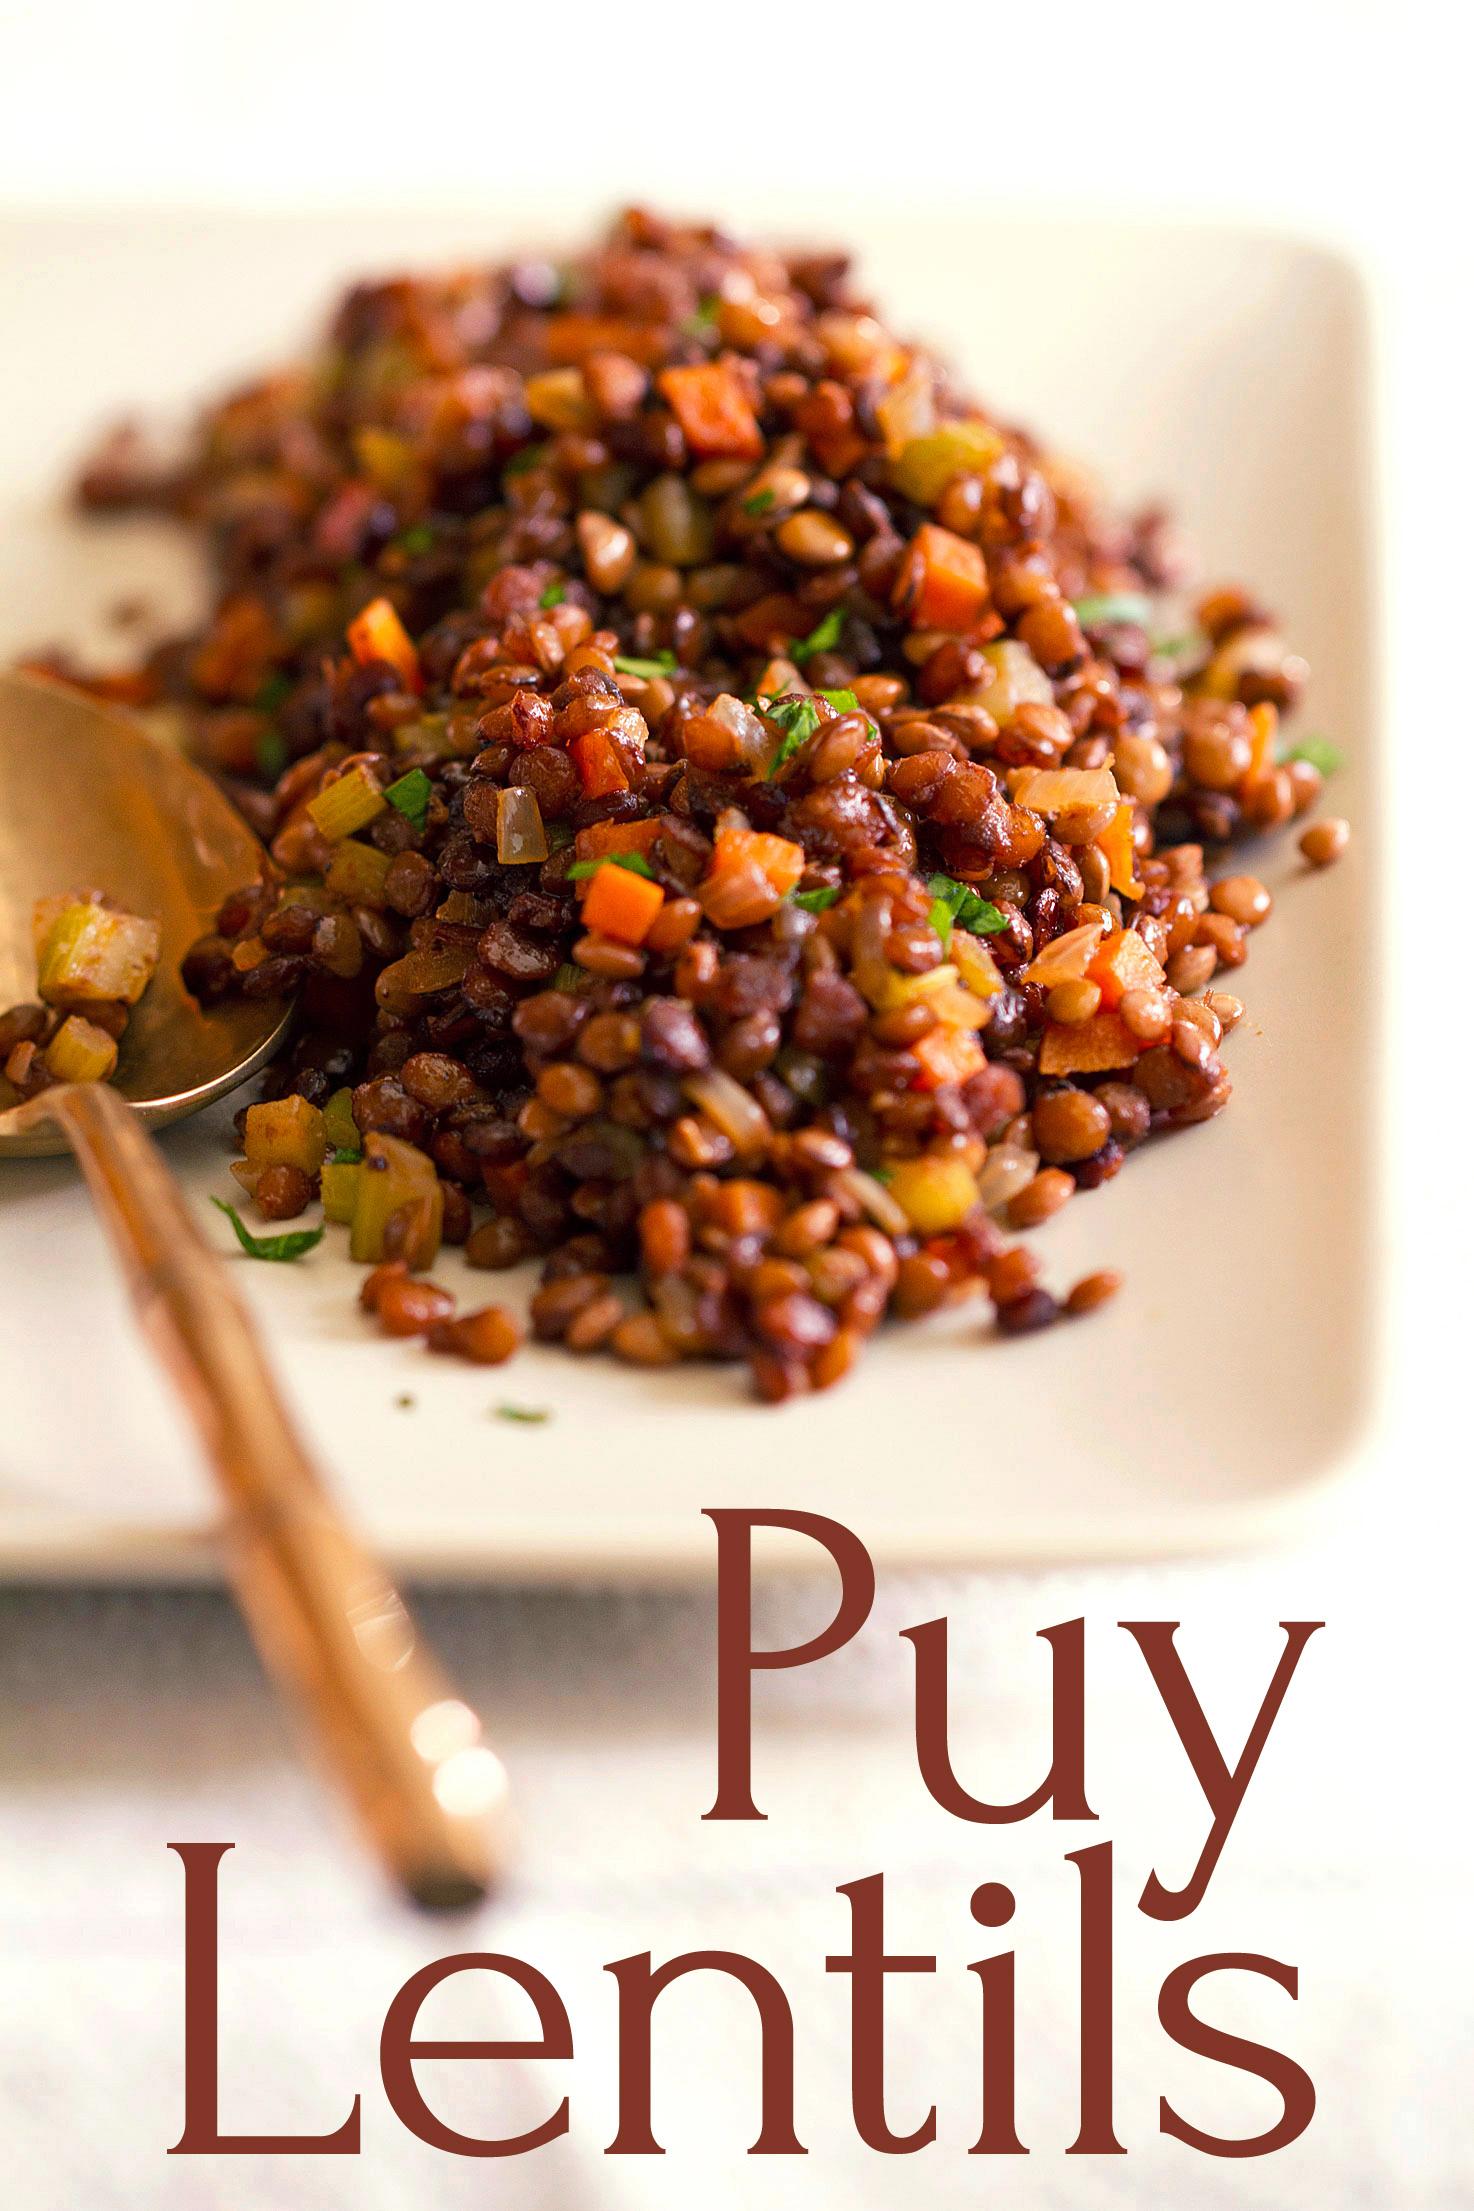 Caramelized Puy Lentils